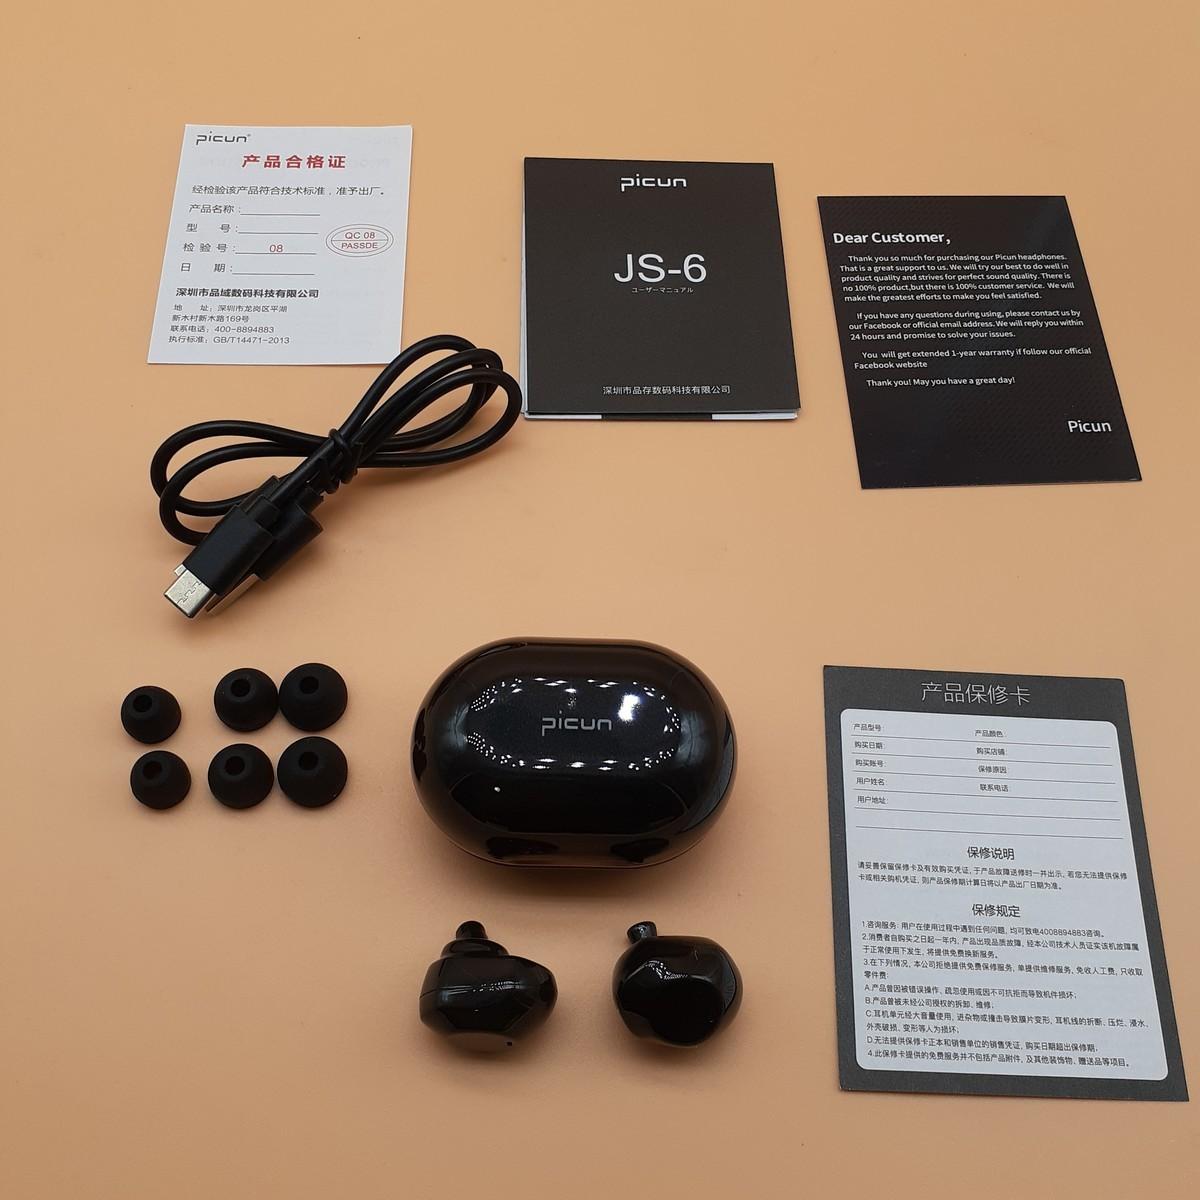 Picun JS-6